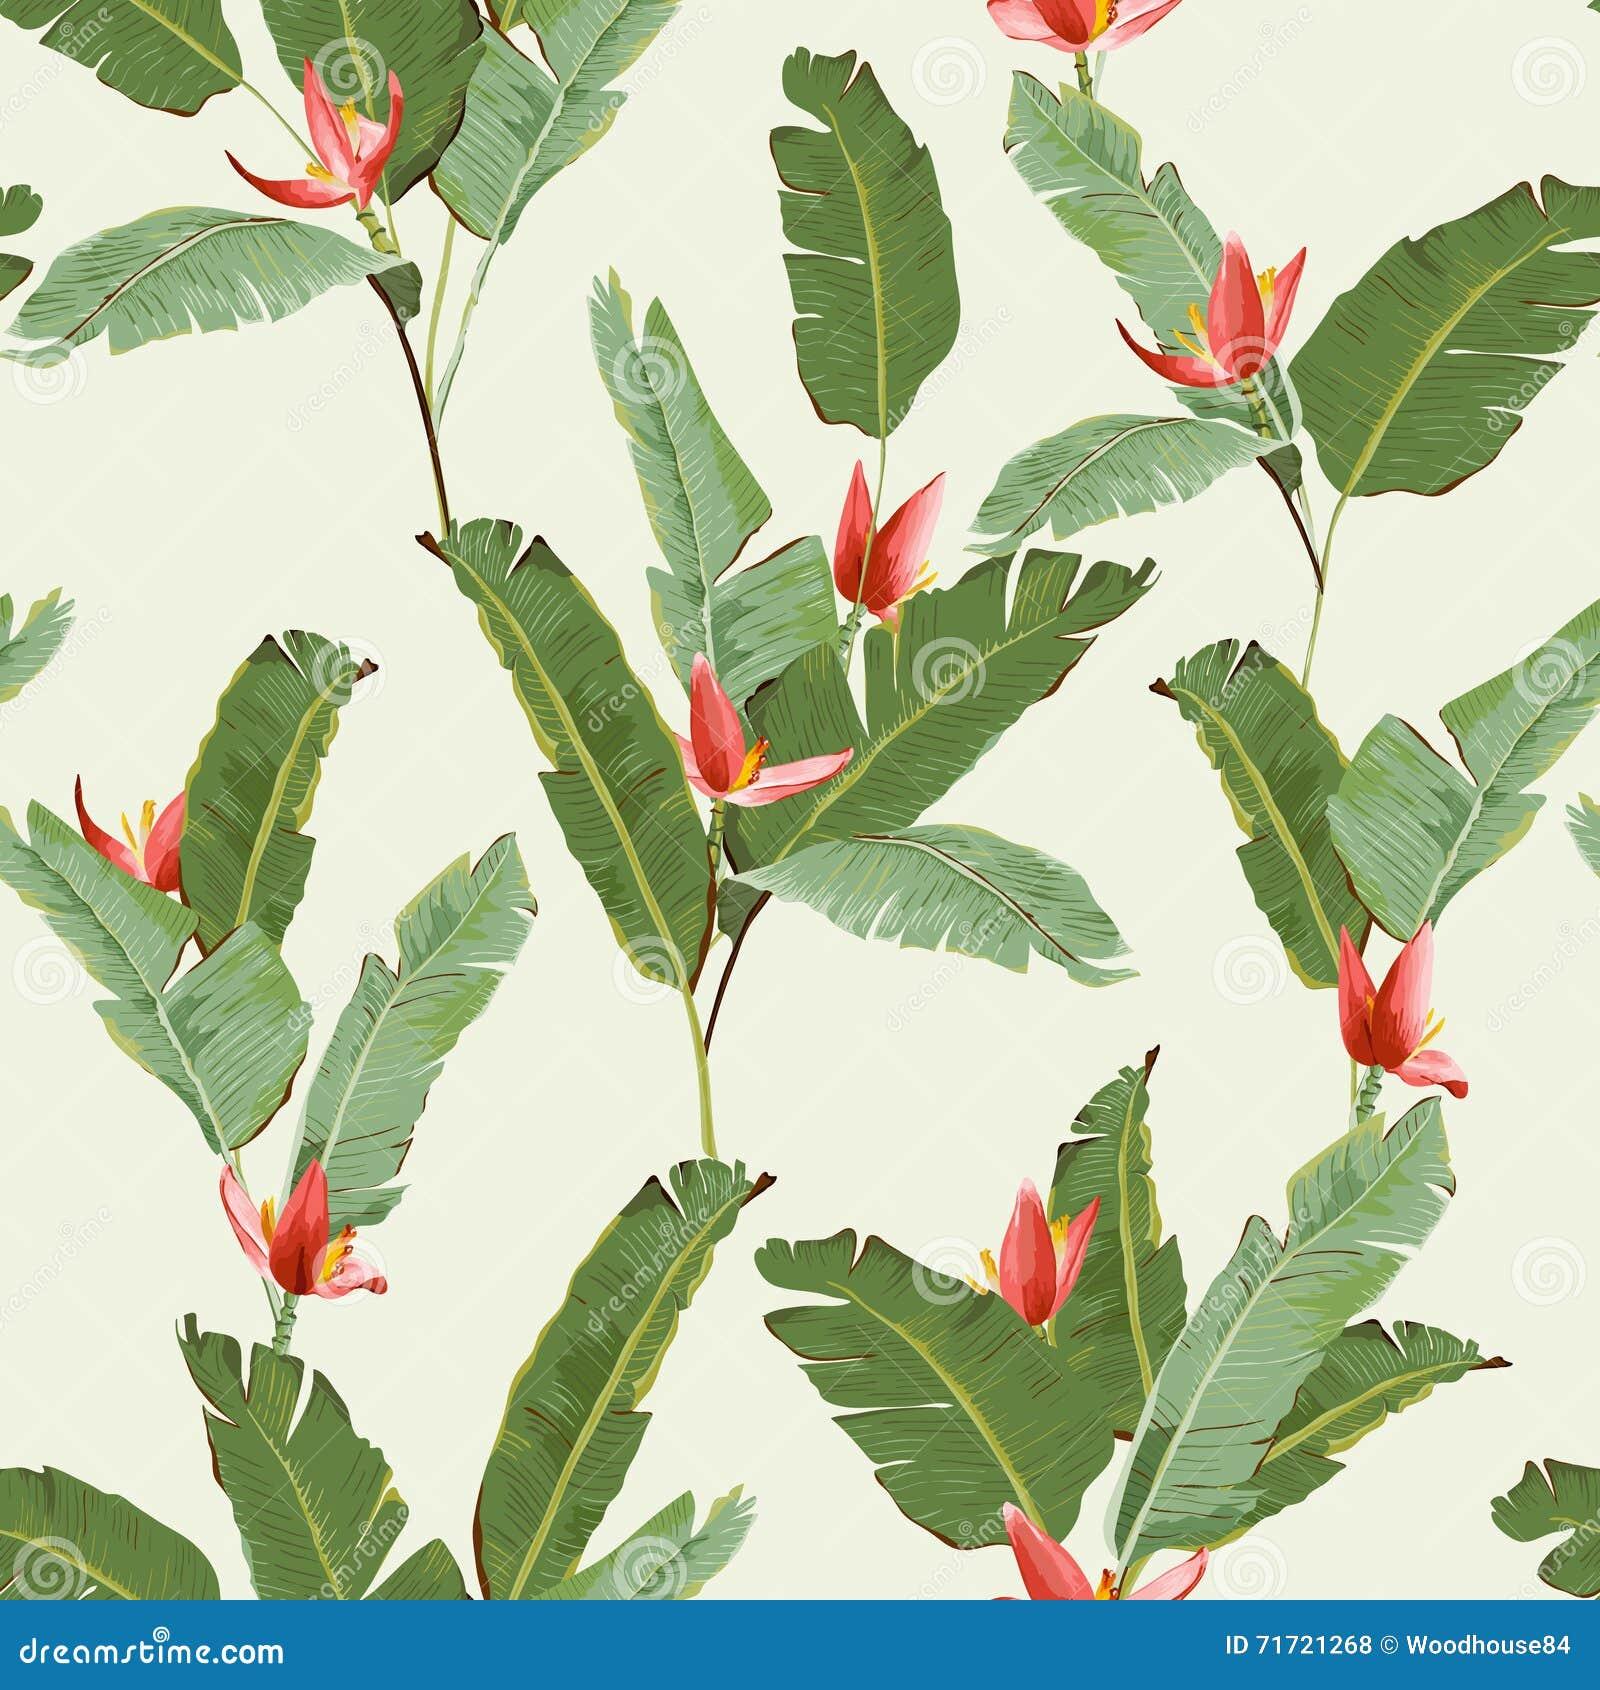 无缝的模式 热带棕榈叶背景 香蕉叶子 香蕉花 向量背景.图片